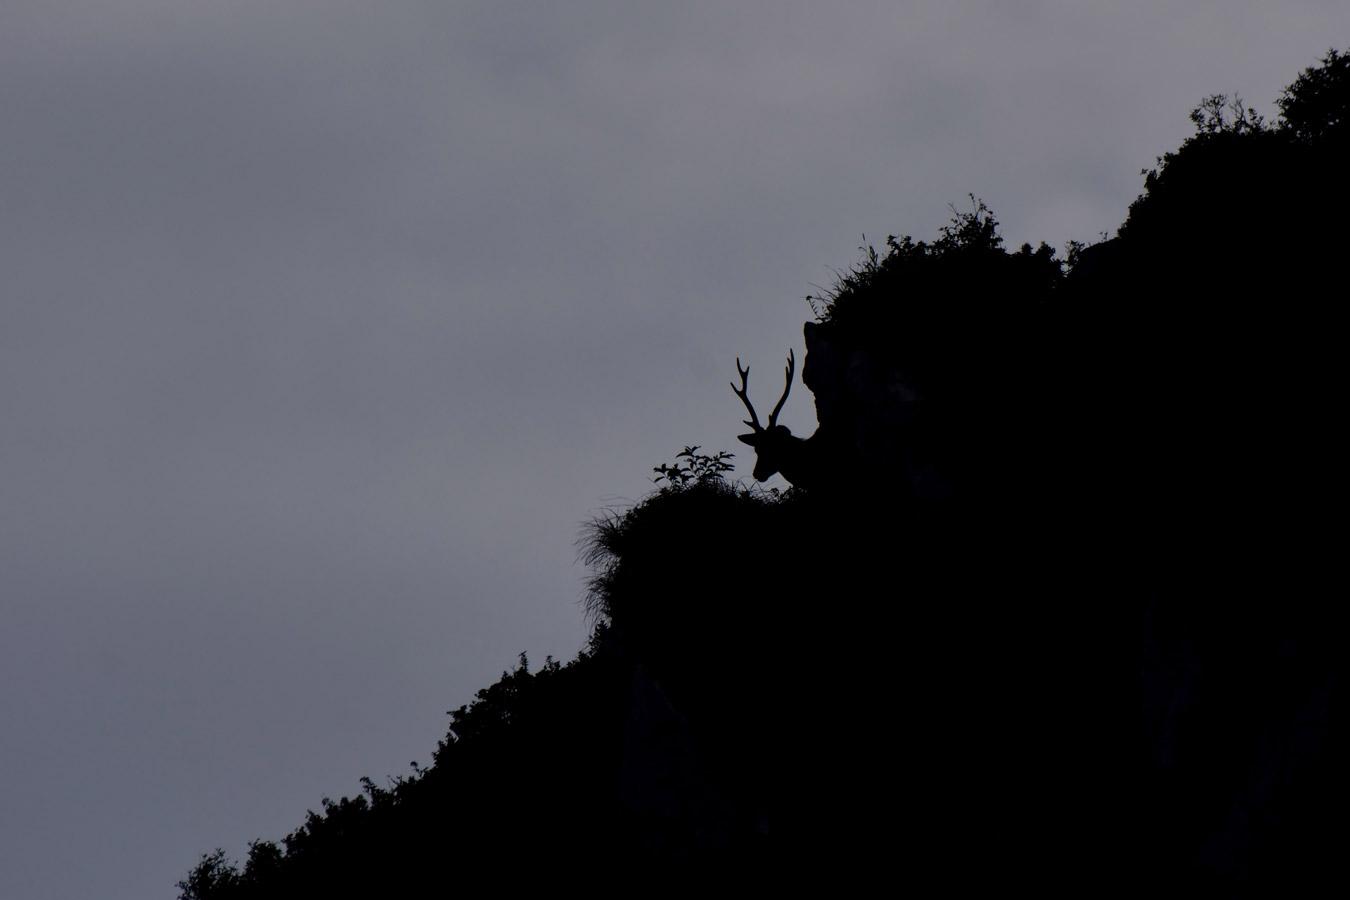 Одинокий олень. Ибукияма, Япония, © Кайто Такахаши, Гунма, Япония, Высокая оценка в категории «Юный фотограф», Фотоконкурс «Лучшая природная фотография Азии»